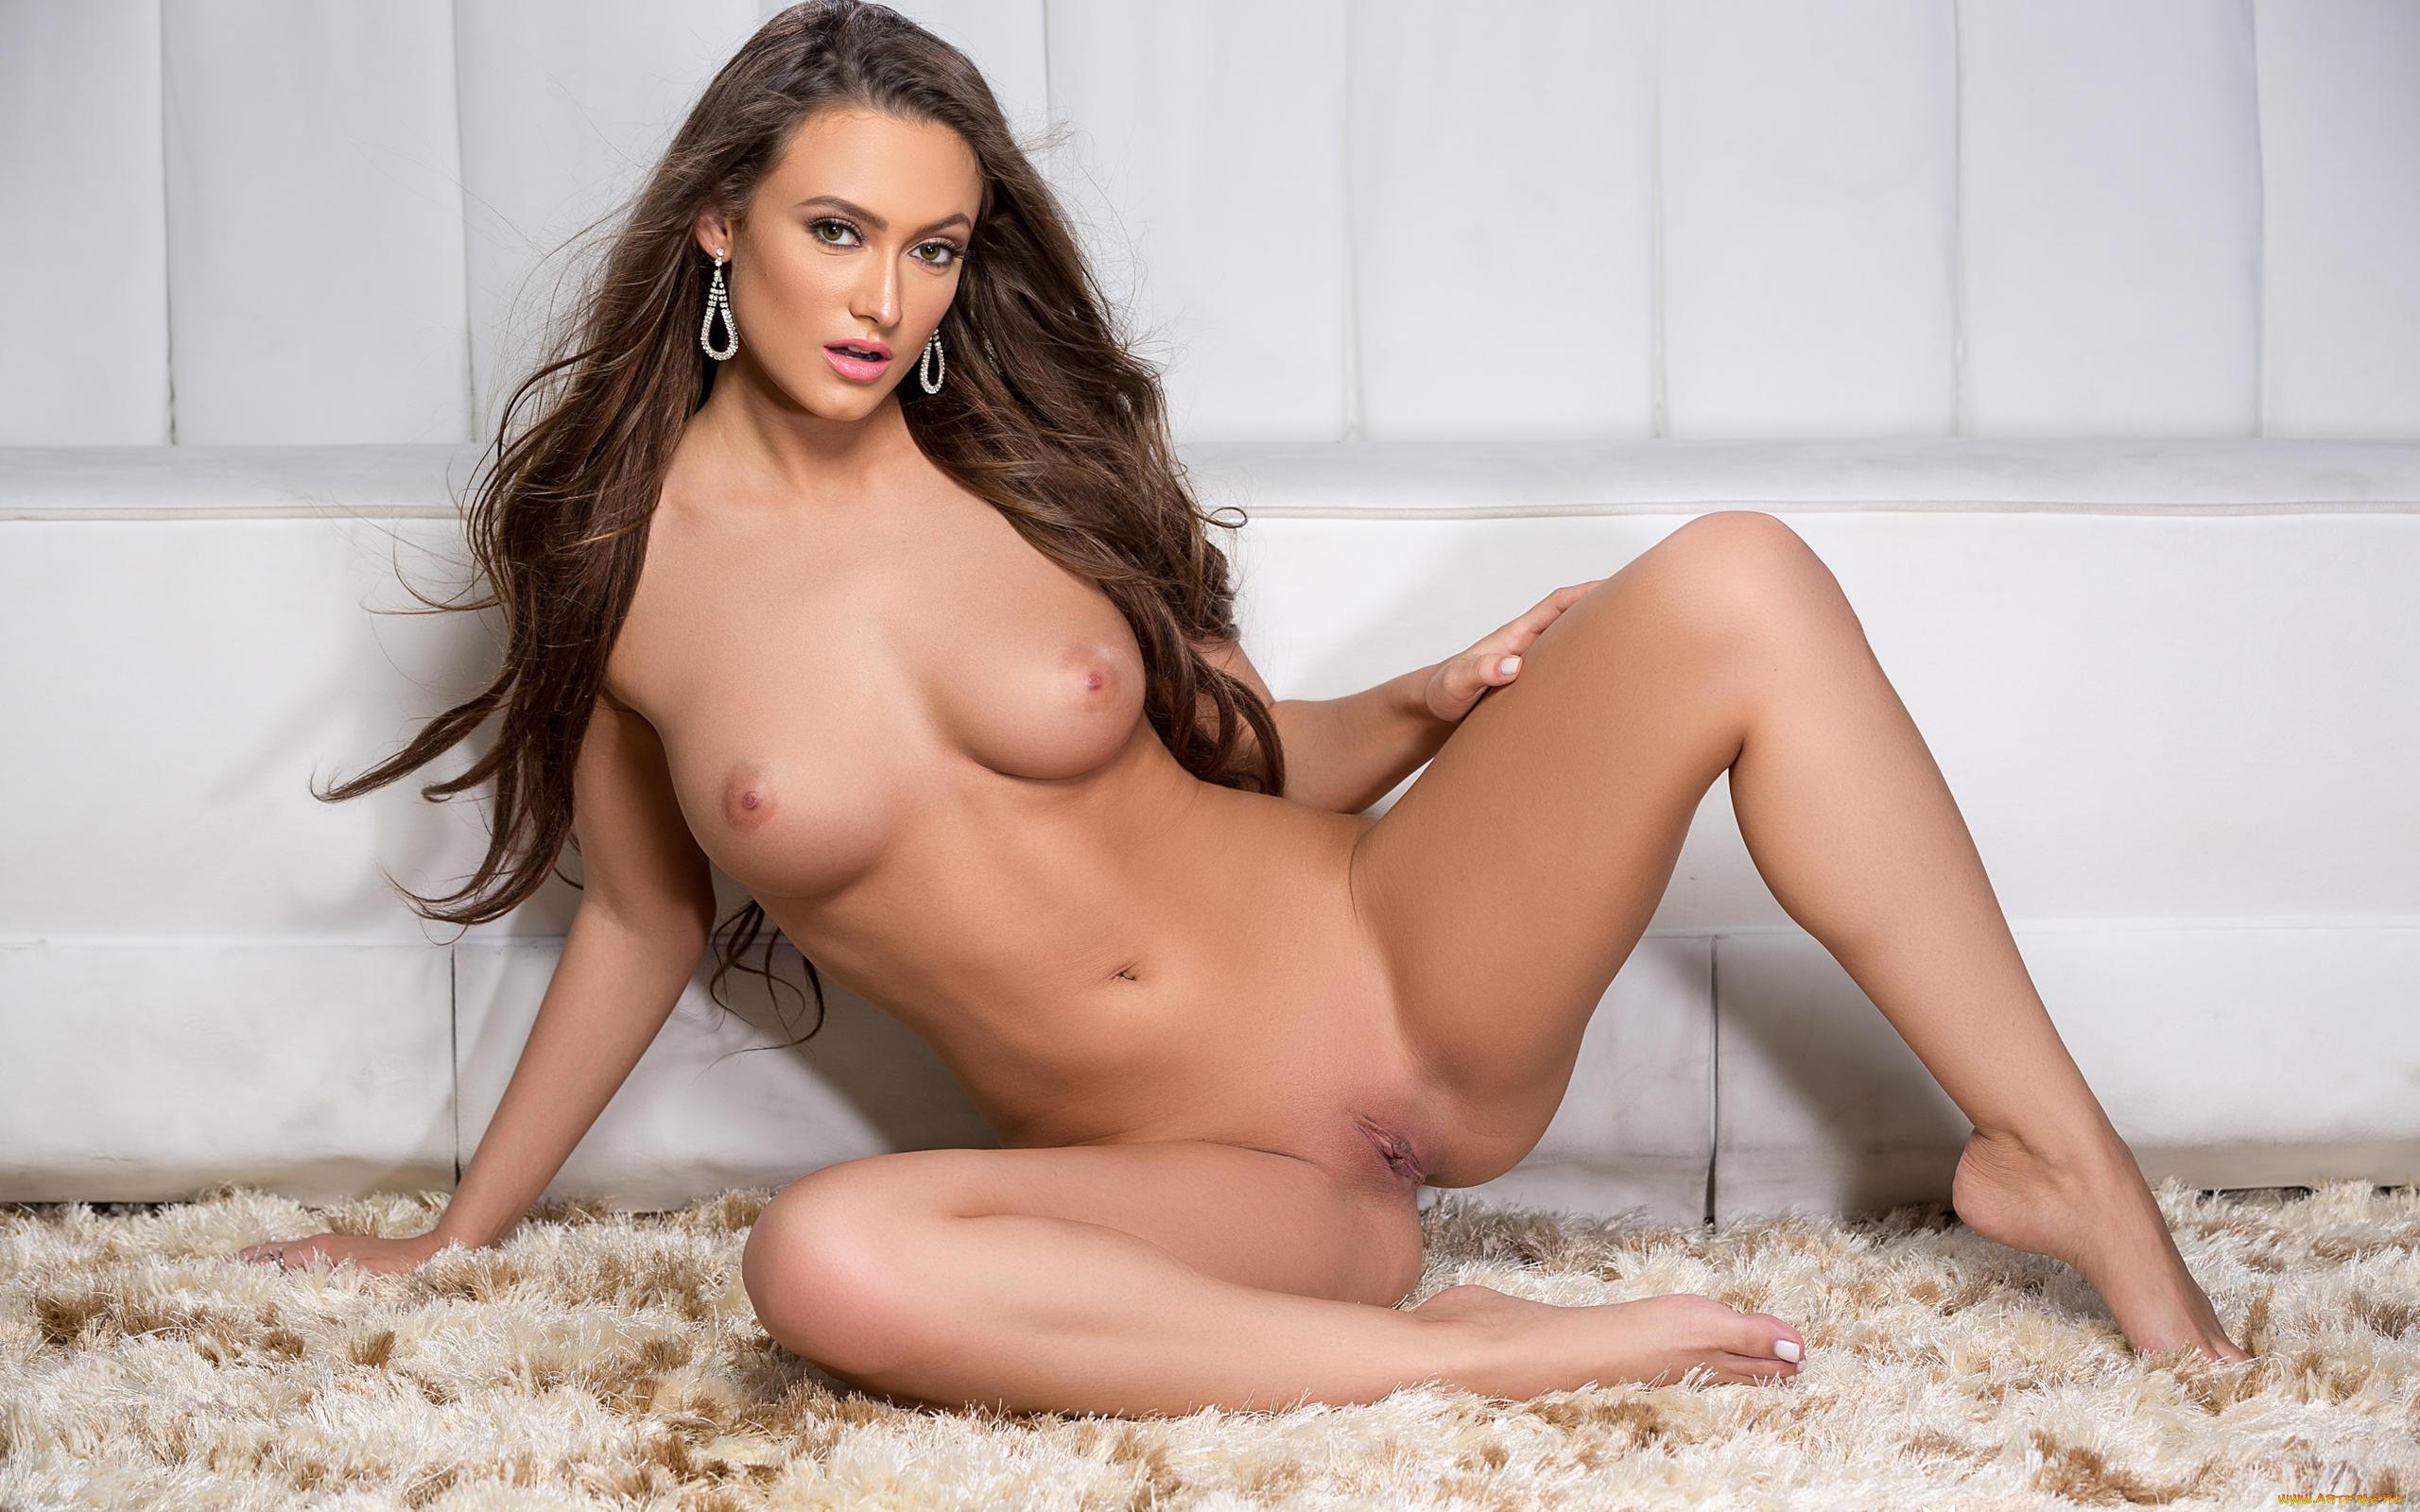 Обнаженные Фотографии Playboy Plus